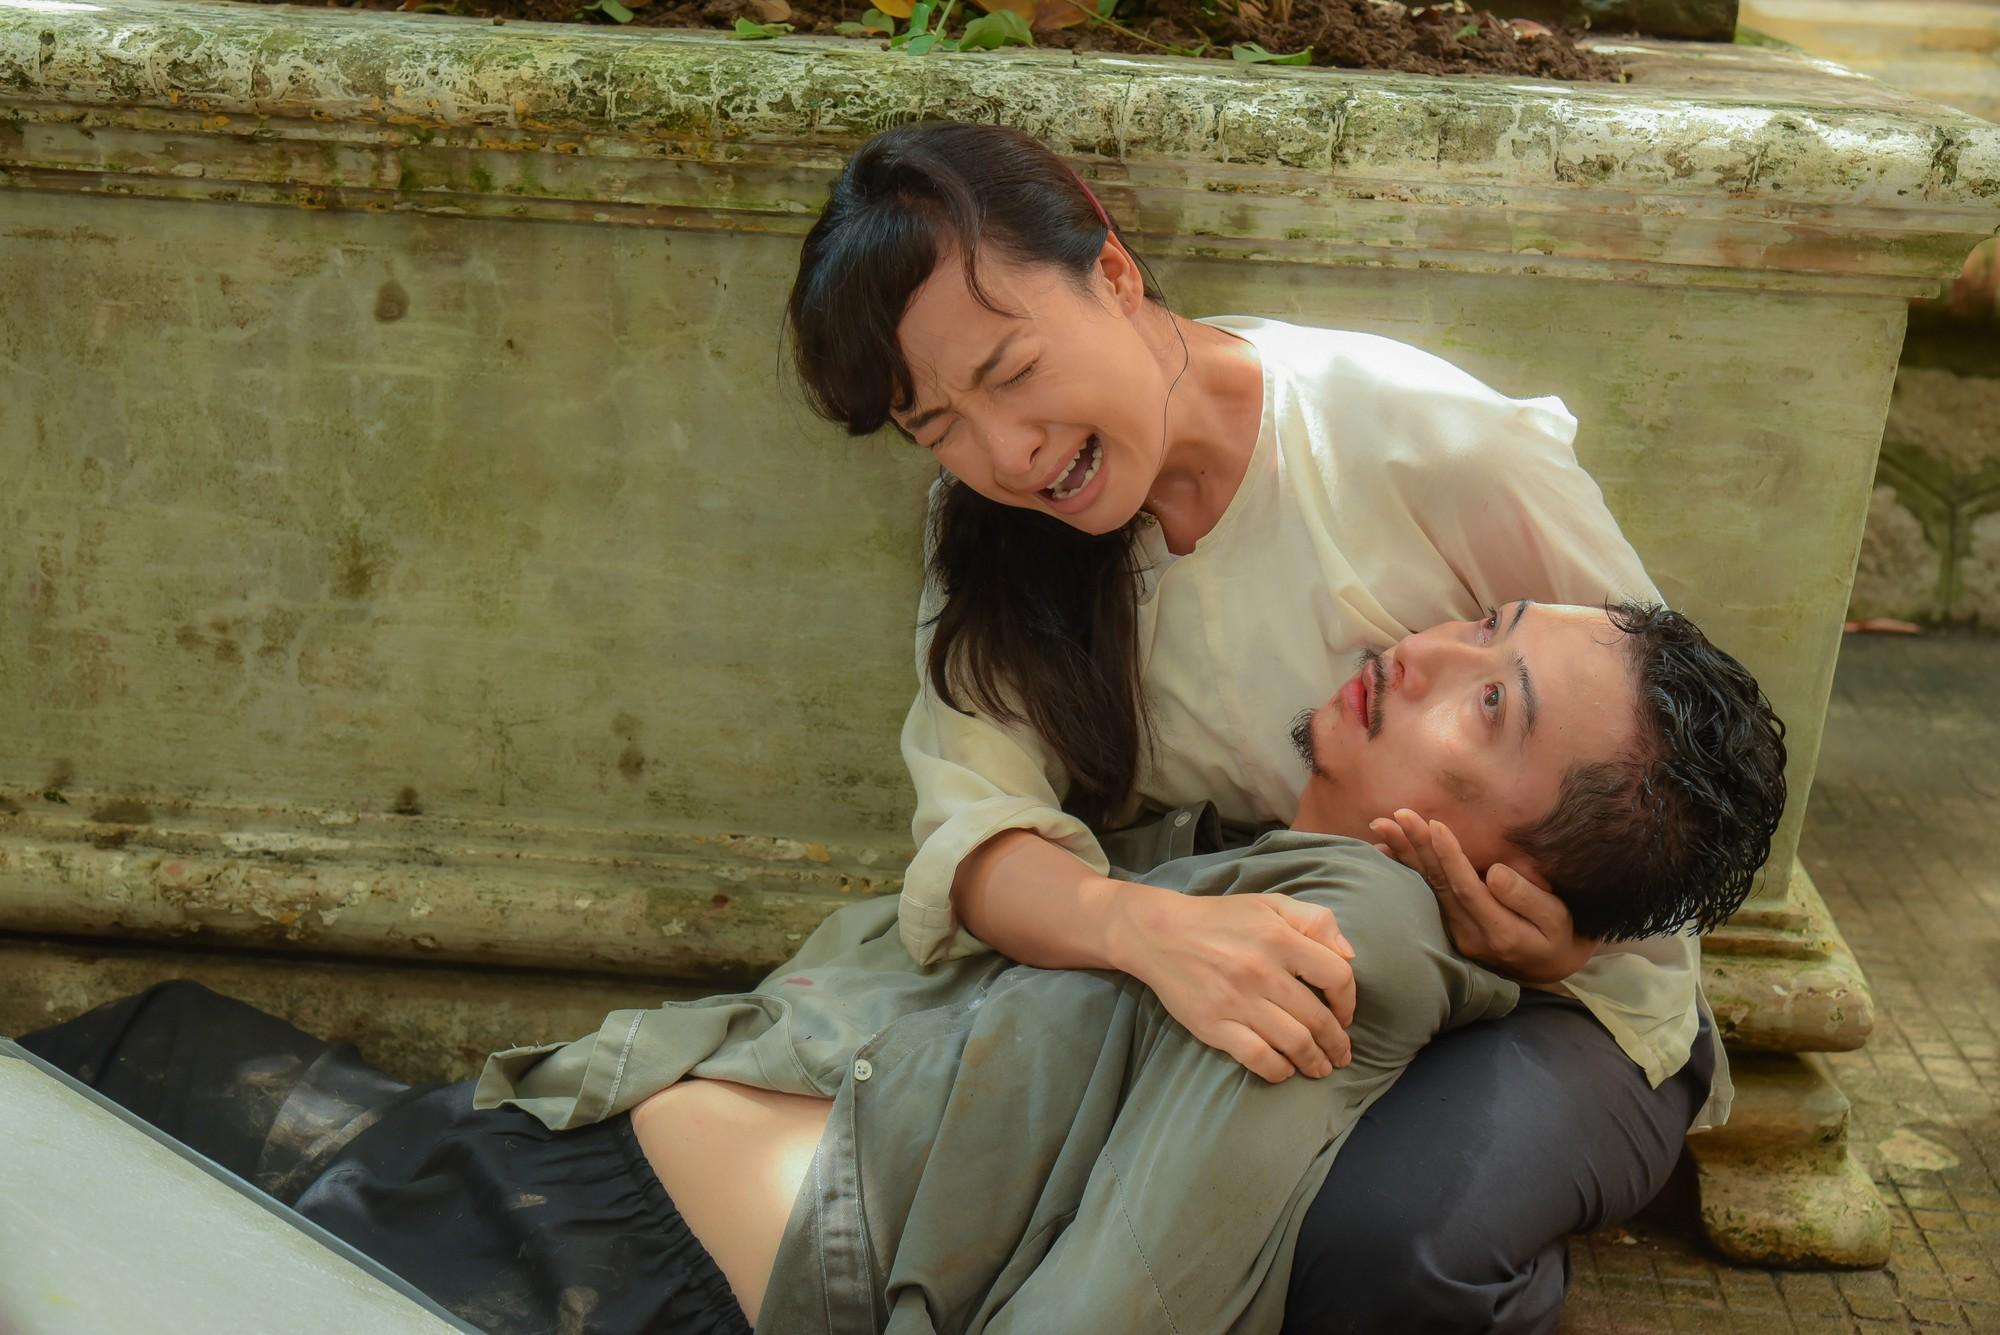 Đạo diễn úp mở về màn hồi sinh của Hứa Minh Đạt (Tiếng Sét Trong Mưa): Dưới nấm mồ thật sự đang chôn Lũ không? - Ảnh 6.